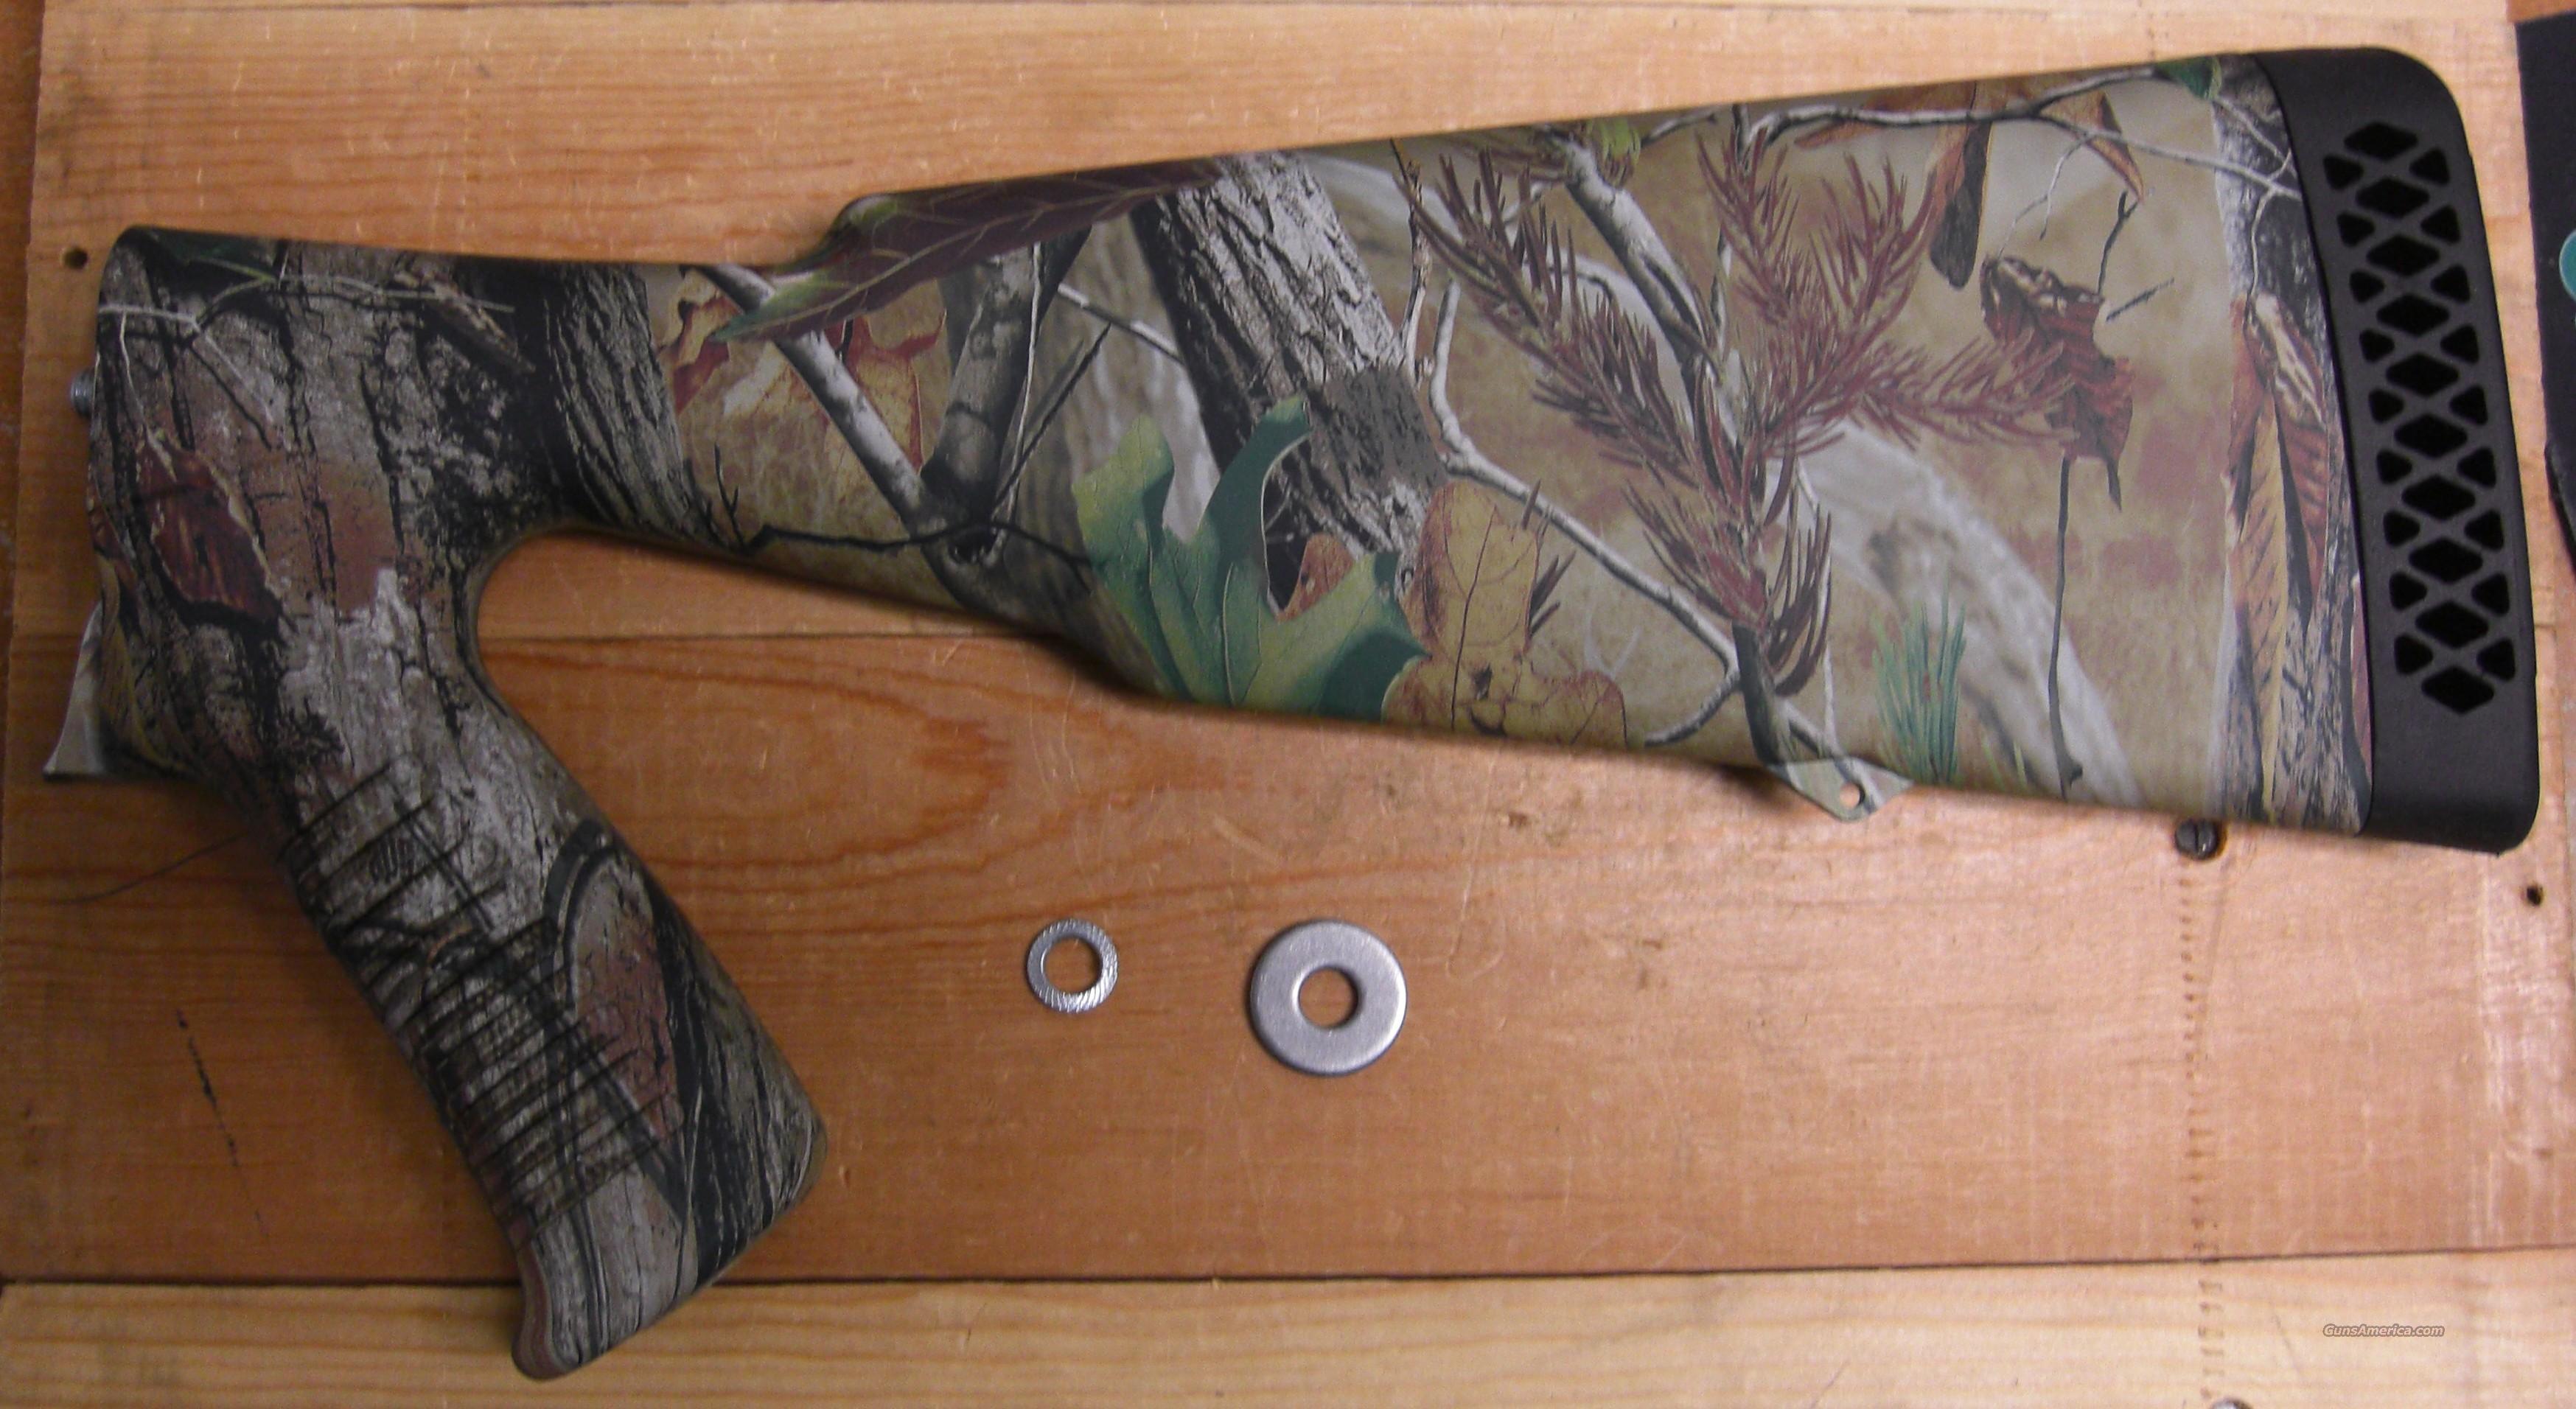 Stoeger M2000/P350 Camo Stock (33197)  Non-Guns > Gunstocks, Grips & Wood